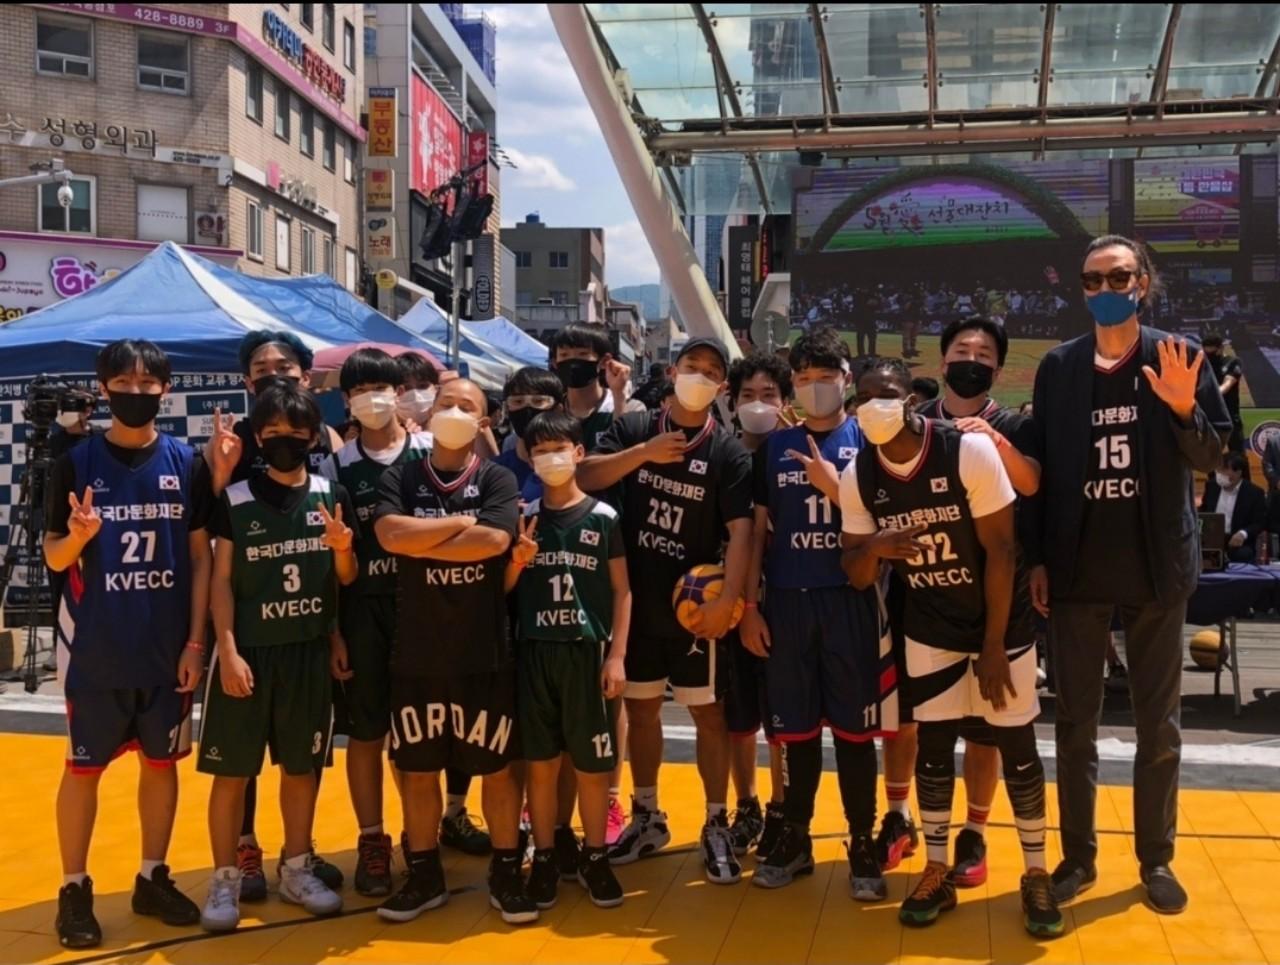 Đội đại diện đội bóng rổ thanh thiếu niên YKK, đội đại diện đội thanh thiếu niên PEC, Huấn luyện viên Han Gi –bum, ca sĩ Mighty Mouse Shorry, Lee Sang-cheol, Sam Okeyere, diễn viên Park Jae-min